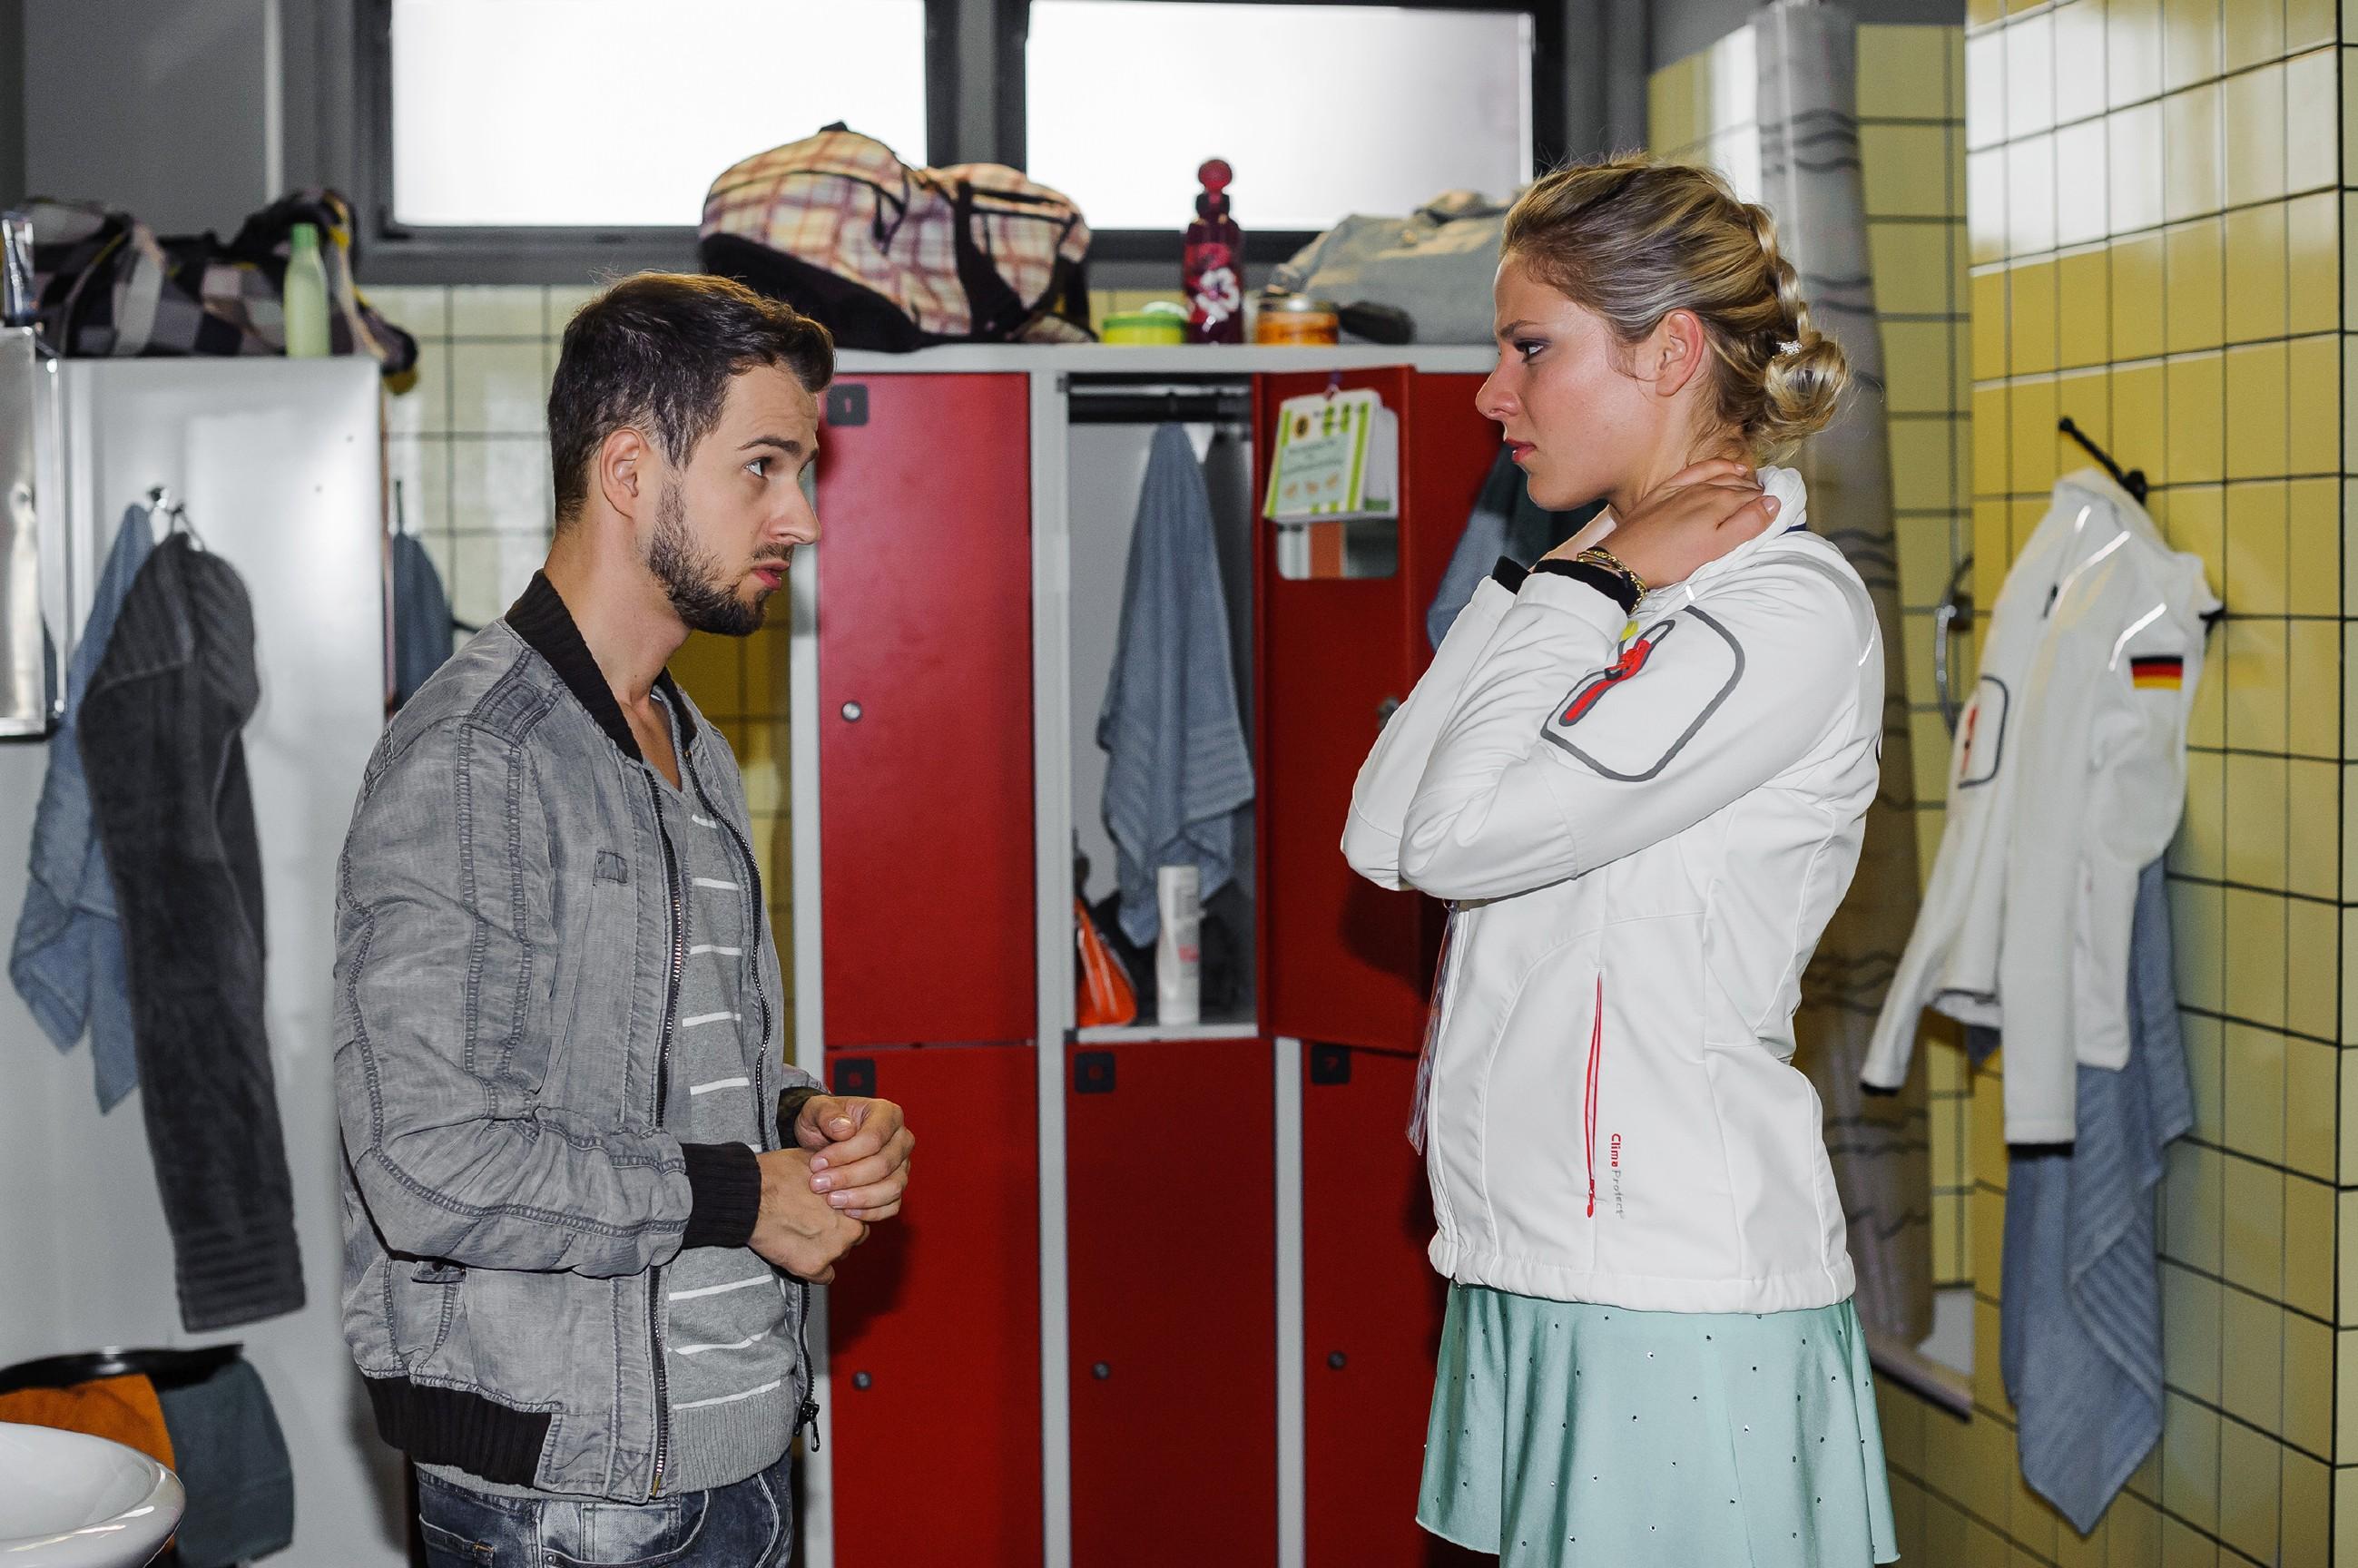 Als Tobi (Michael Jassin) von seinem Treffen mit seiner Ex-Freundin zurückkehrt, hat er Neuigkeiten, die Marie (Cheyenne Pahde) aus der Bahn werfen... (Quelle: RTL / Julia Feldhagen)